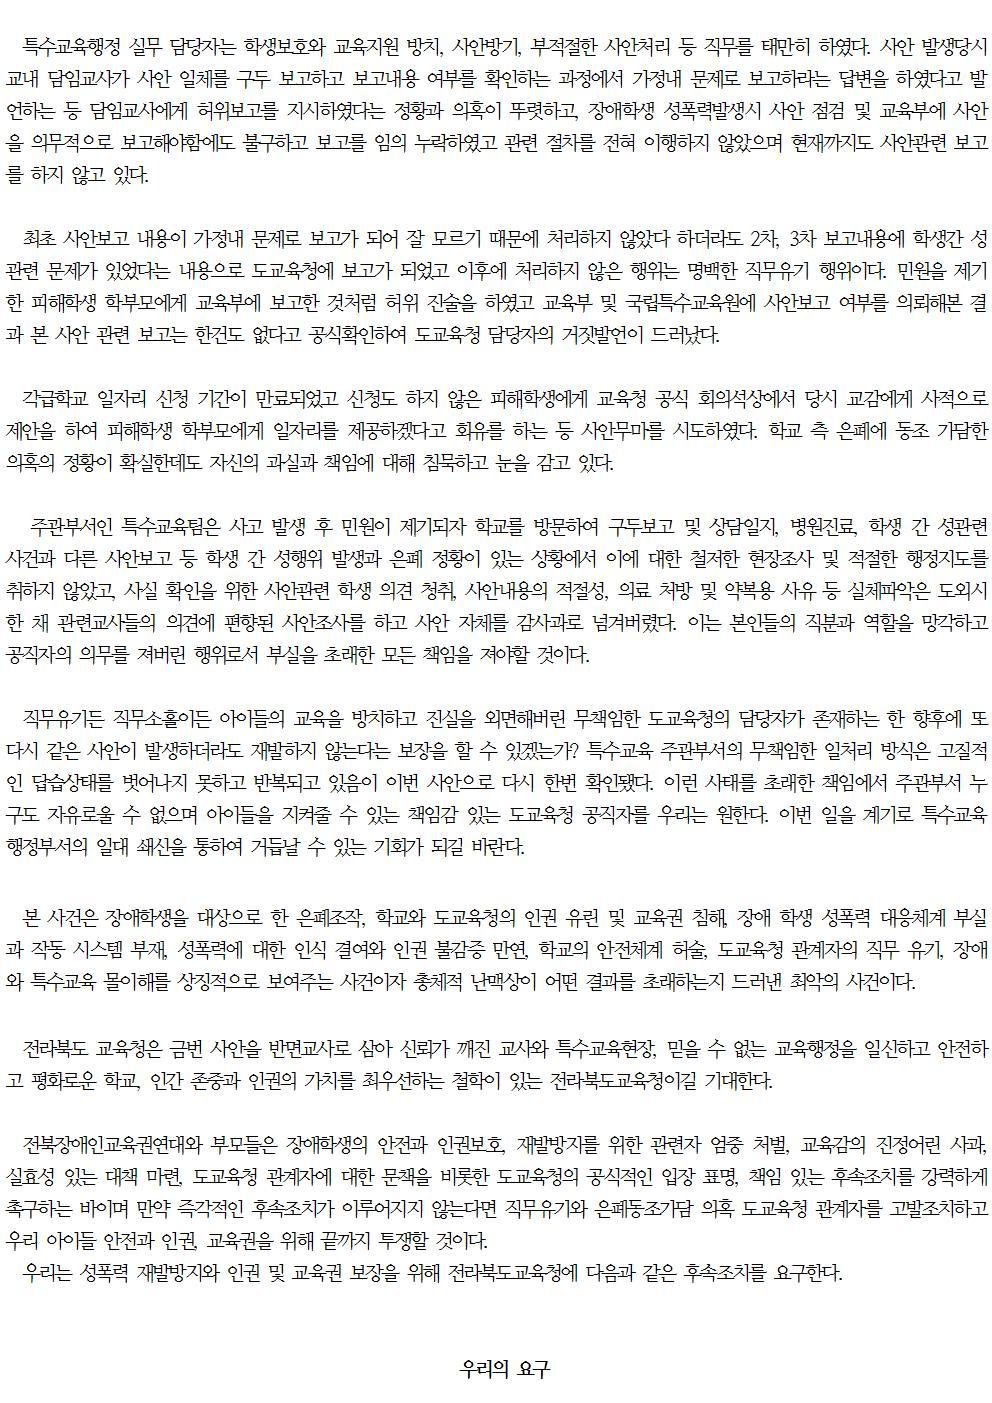 15.8.17_선화학교 성폭력 은폐 기자회견문(장교연)002.jpg